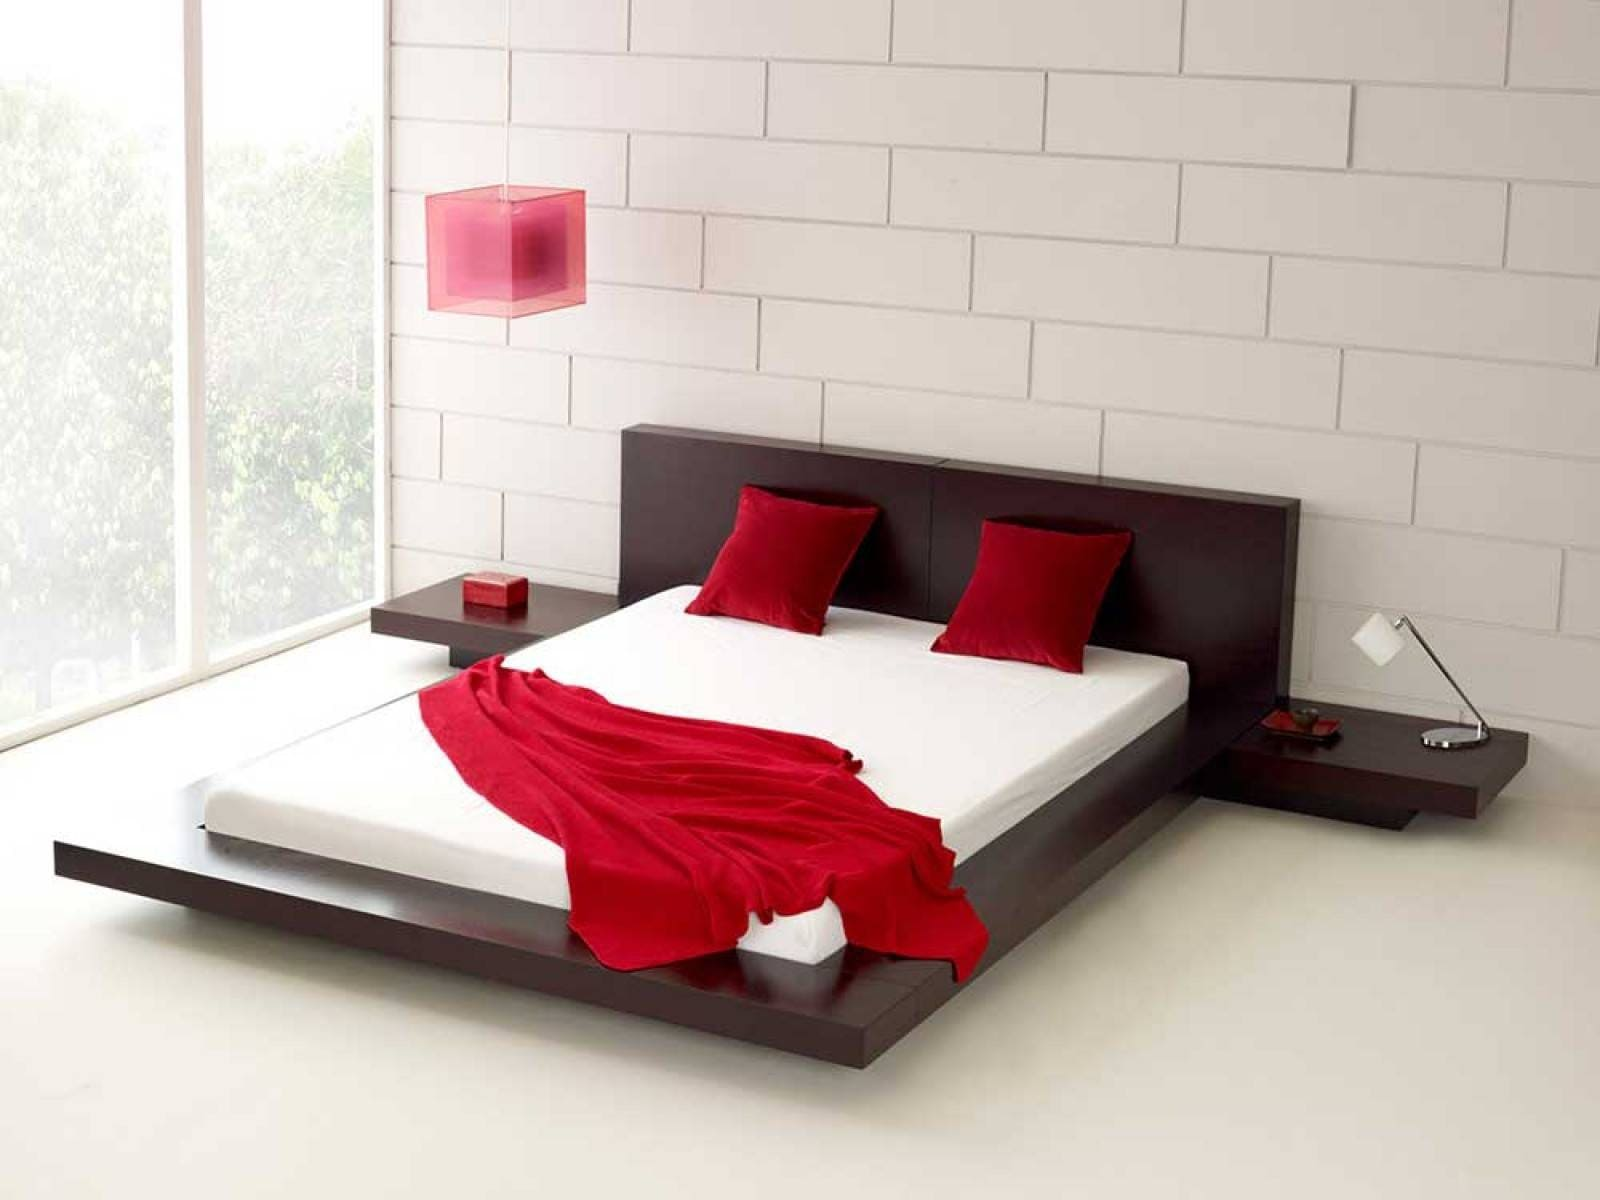 купить кровать двуспальную в минске цены и фото